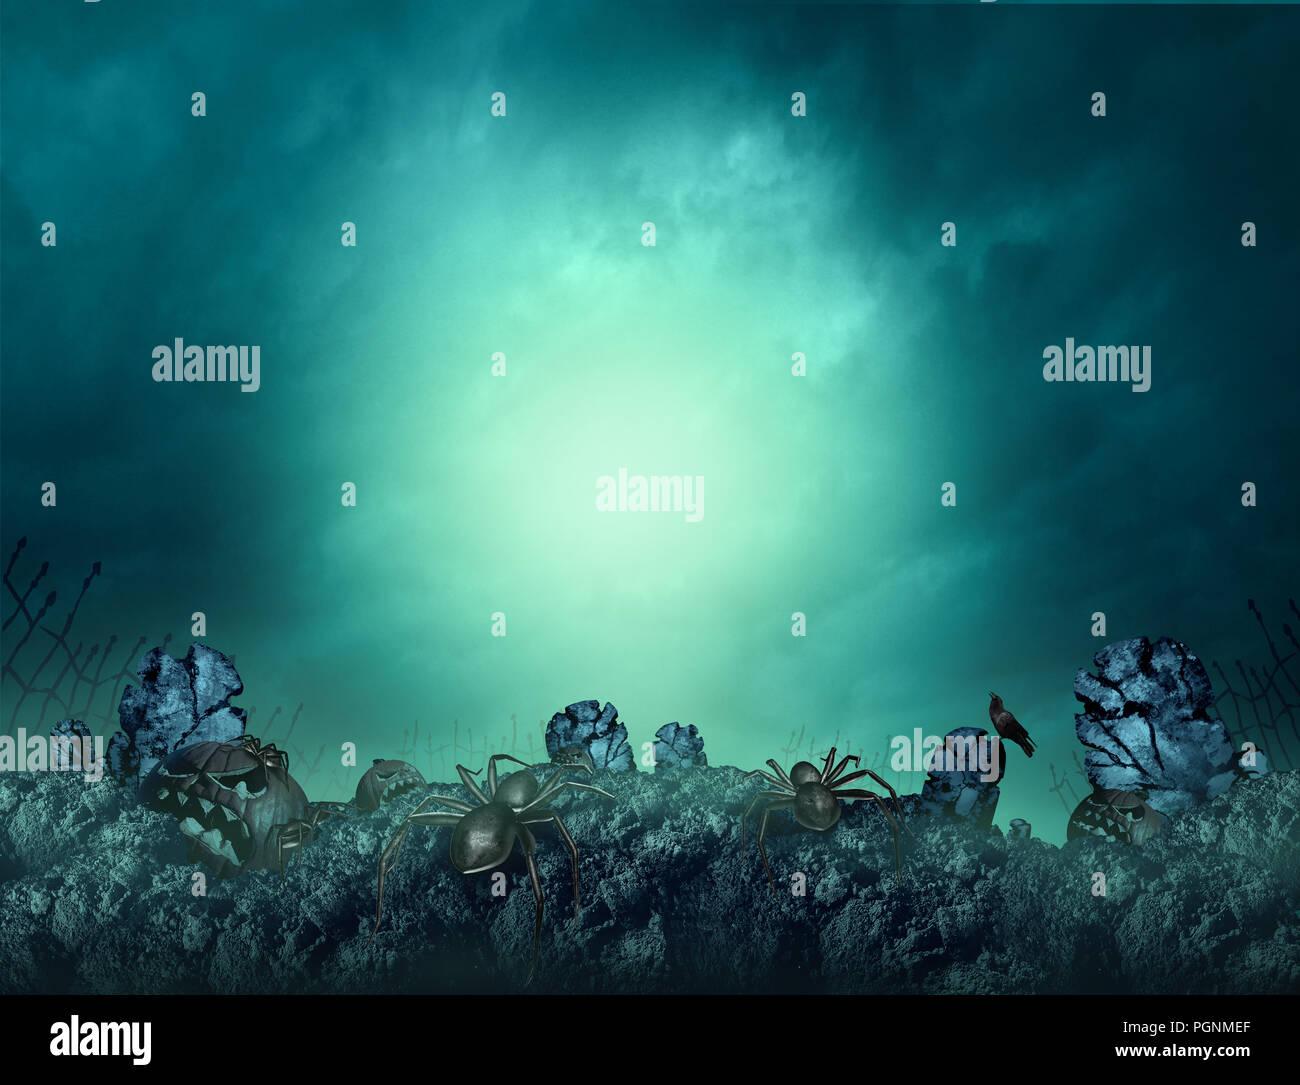 Cementerio embrujada y espeluznantes cementerios Scary Halloween y espeluznante fondo brillante con copyspace para texto con elementos de ilustración 3D. Imagen De Stock